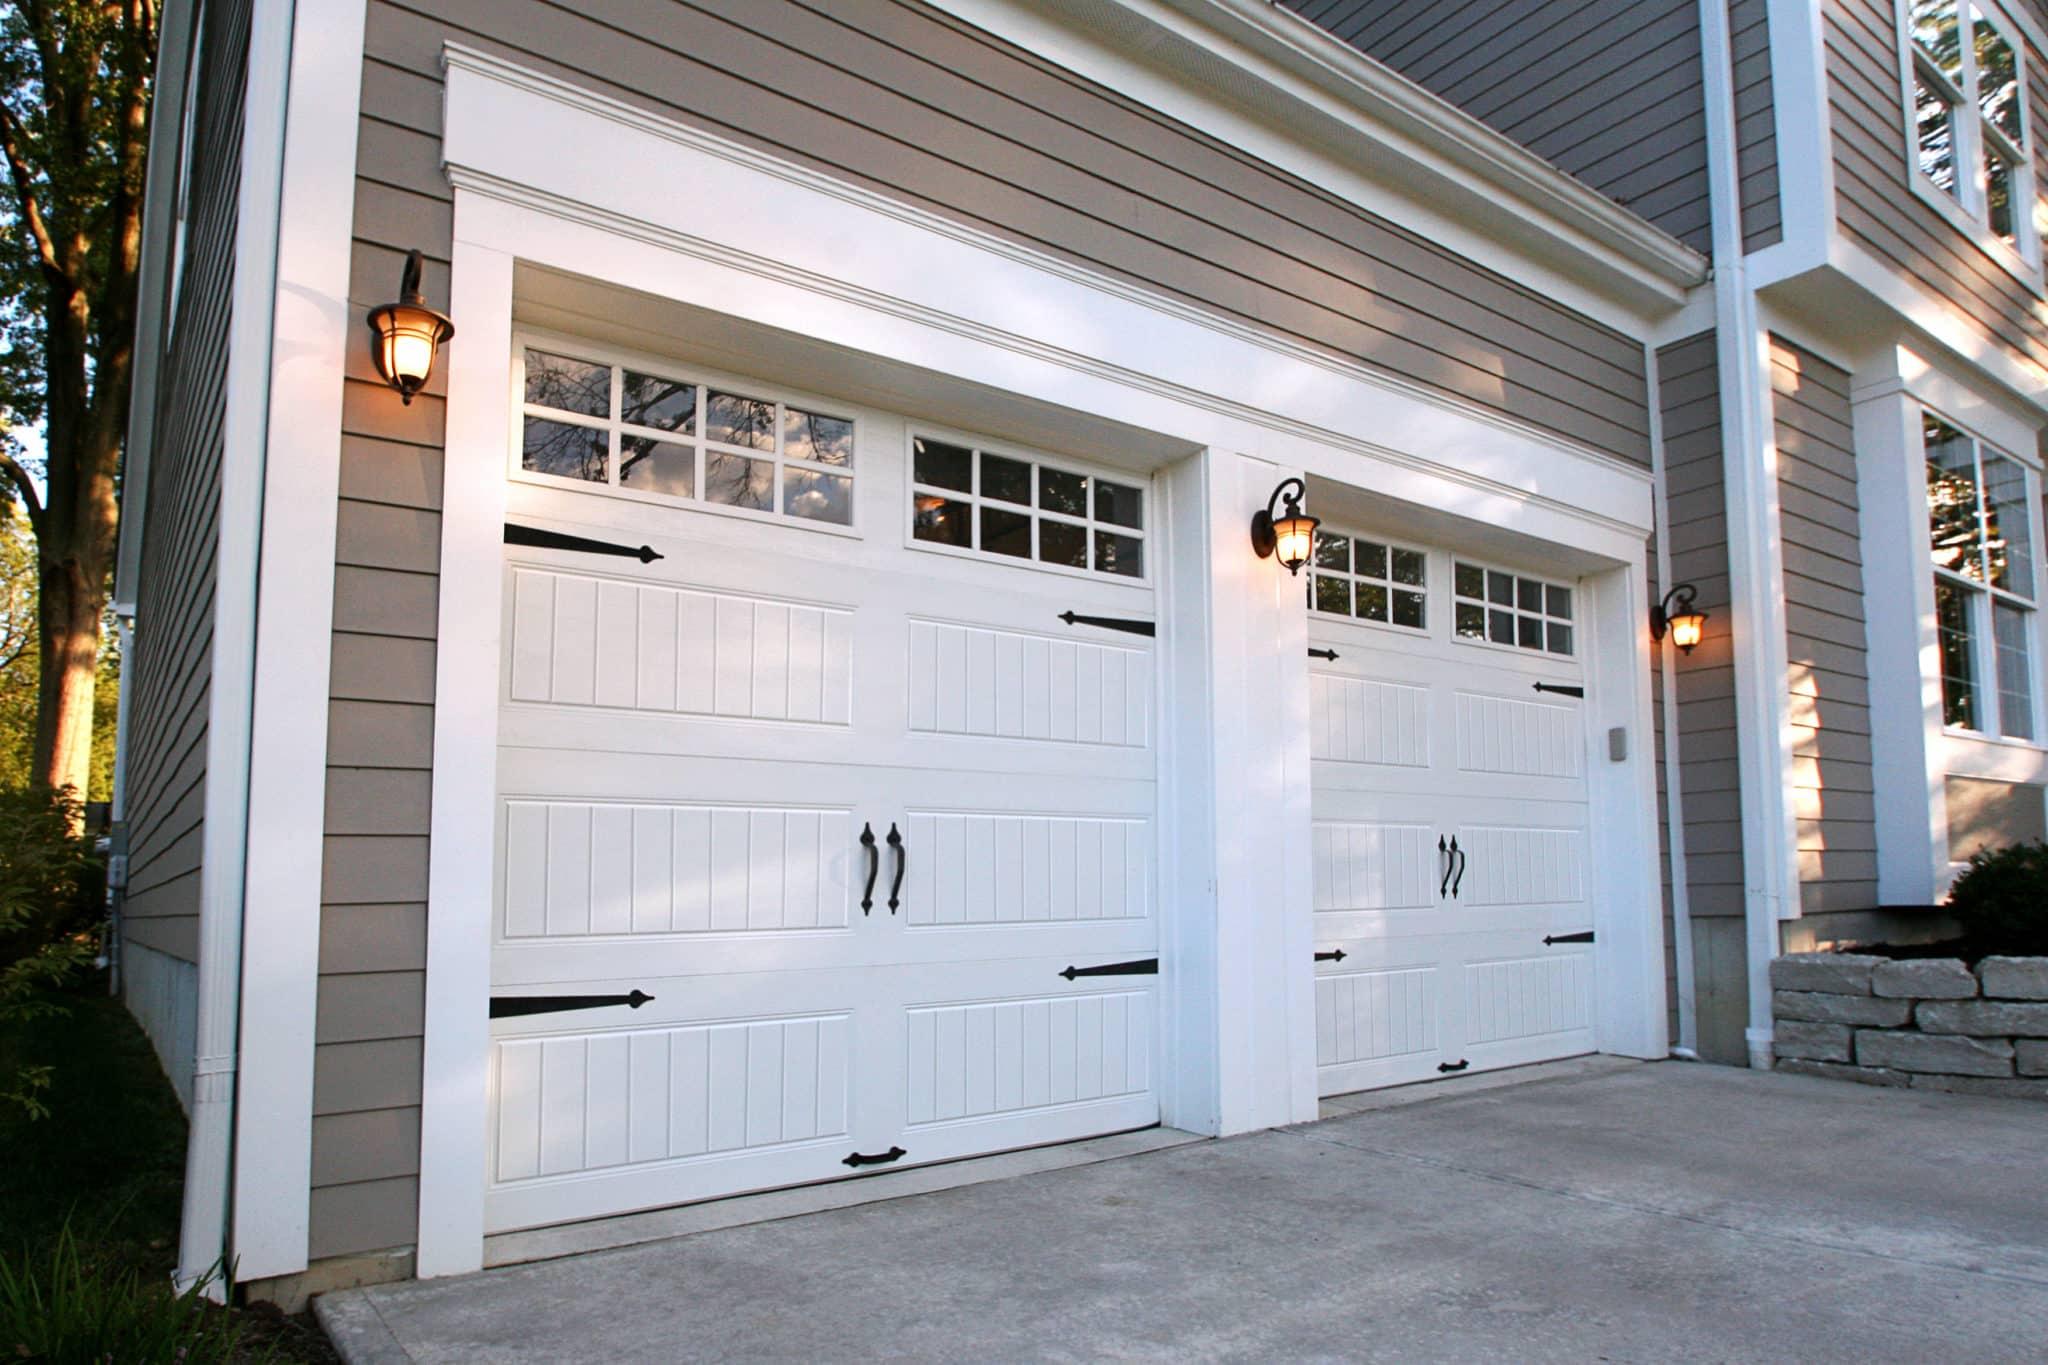 Clopay Gallery garage door 10'0″ wide x 8'0″ high